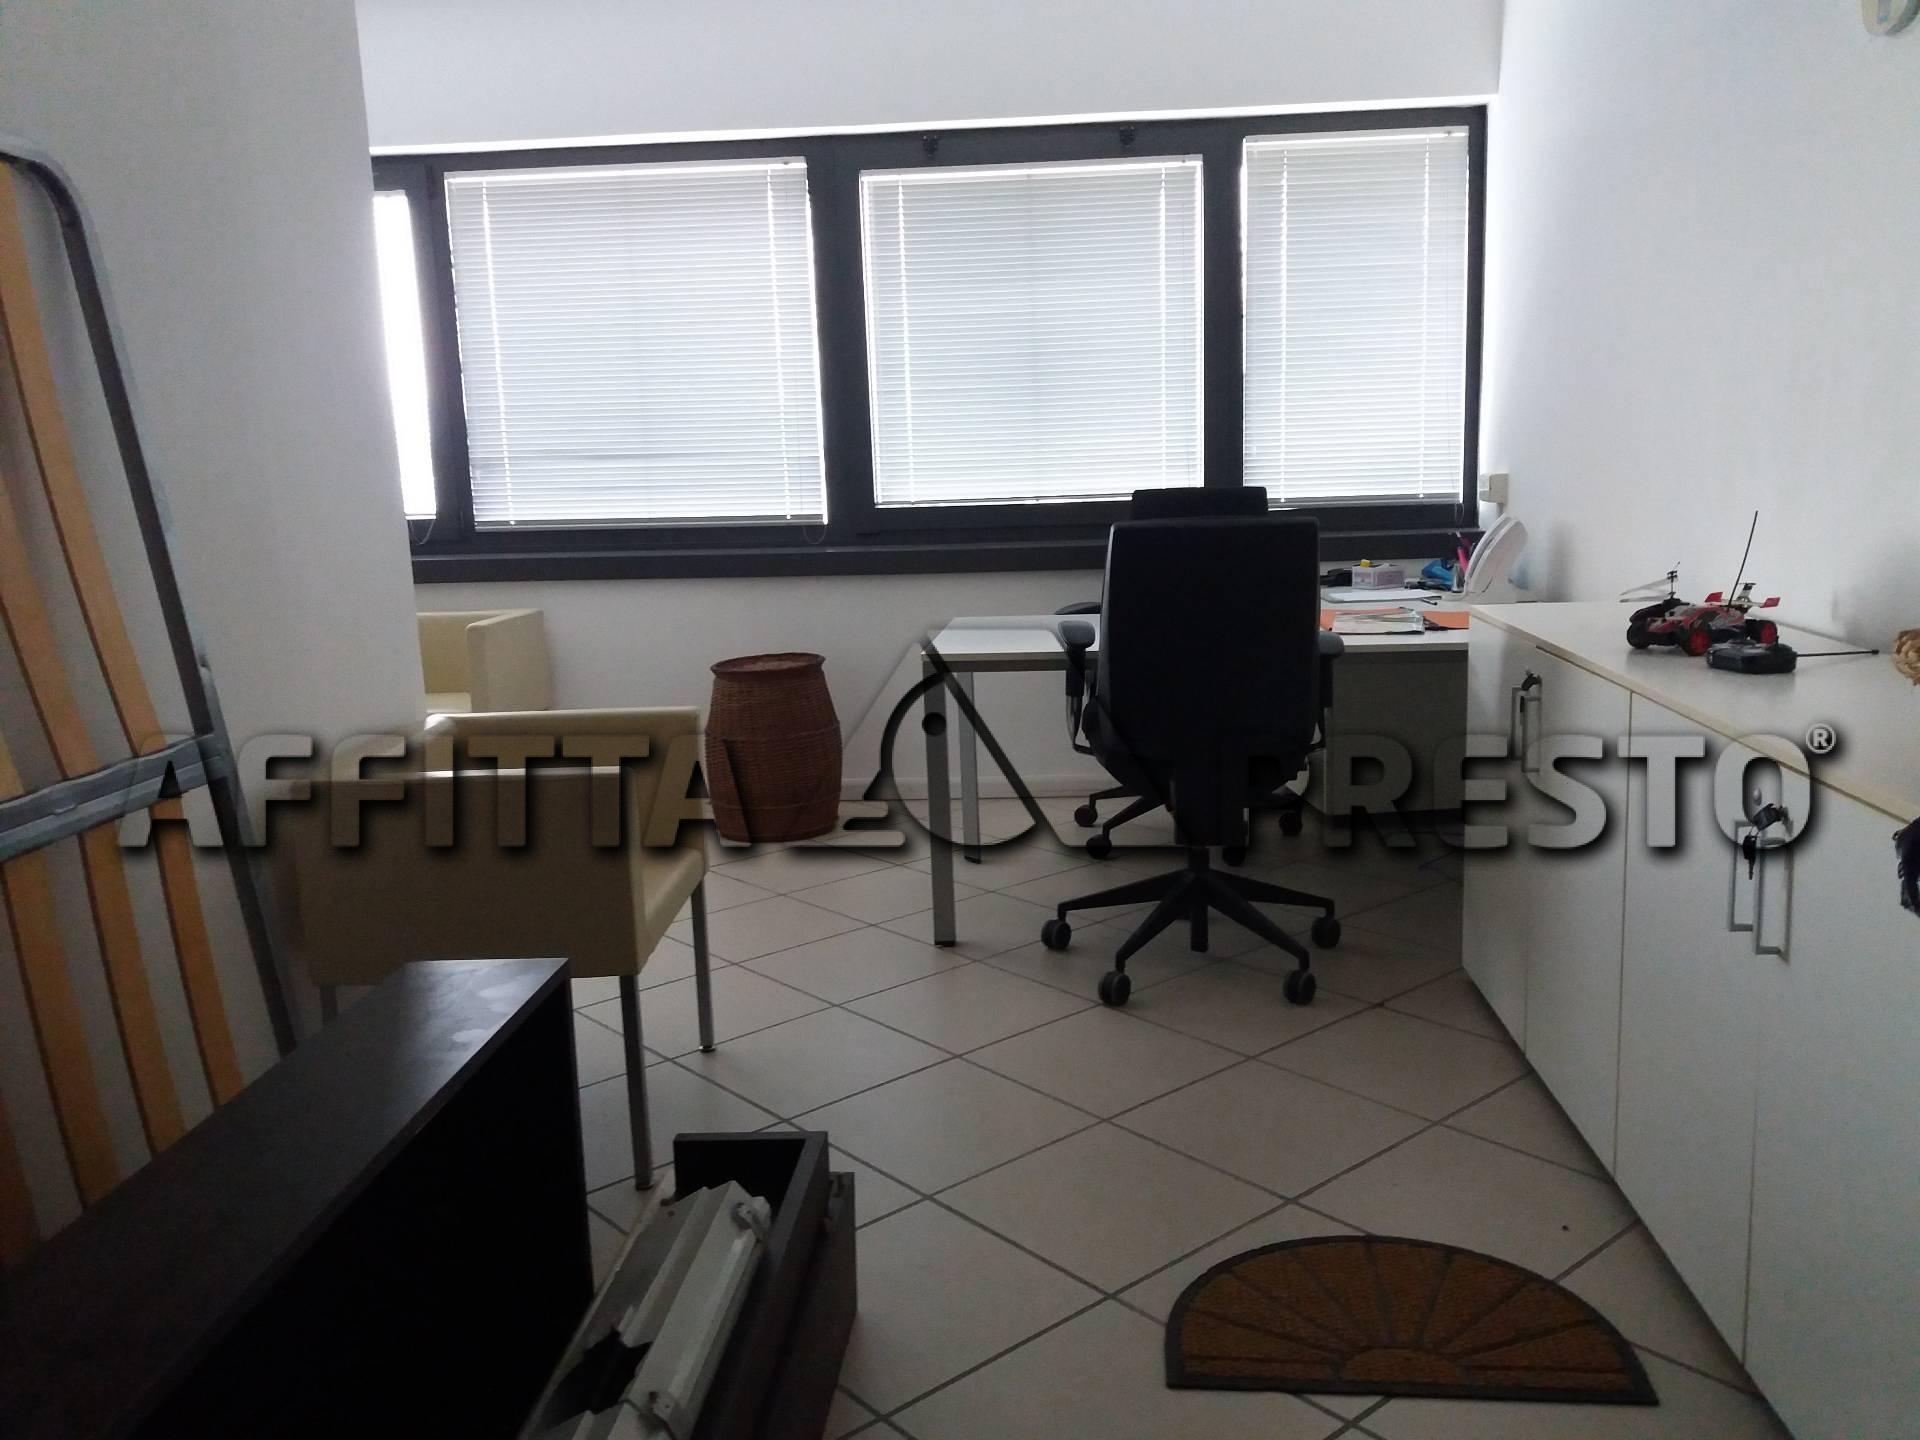 Ufficio in affitto a San Giuliano Terme (PI)